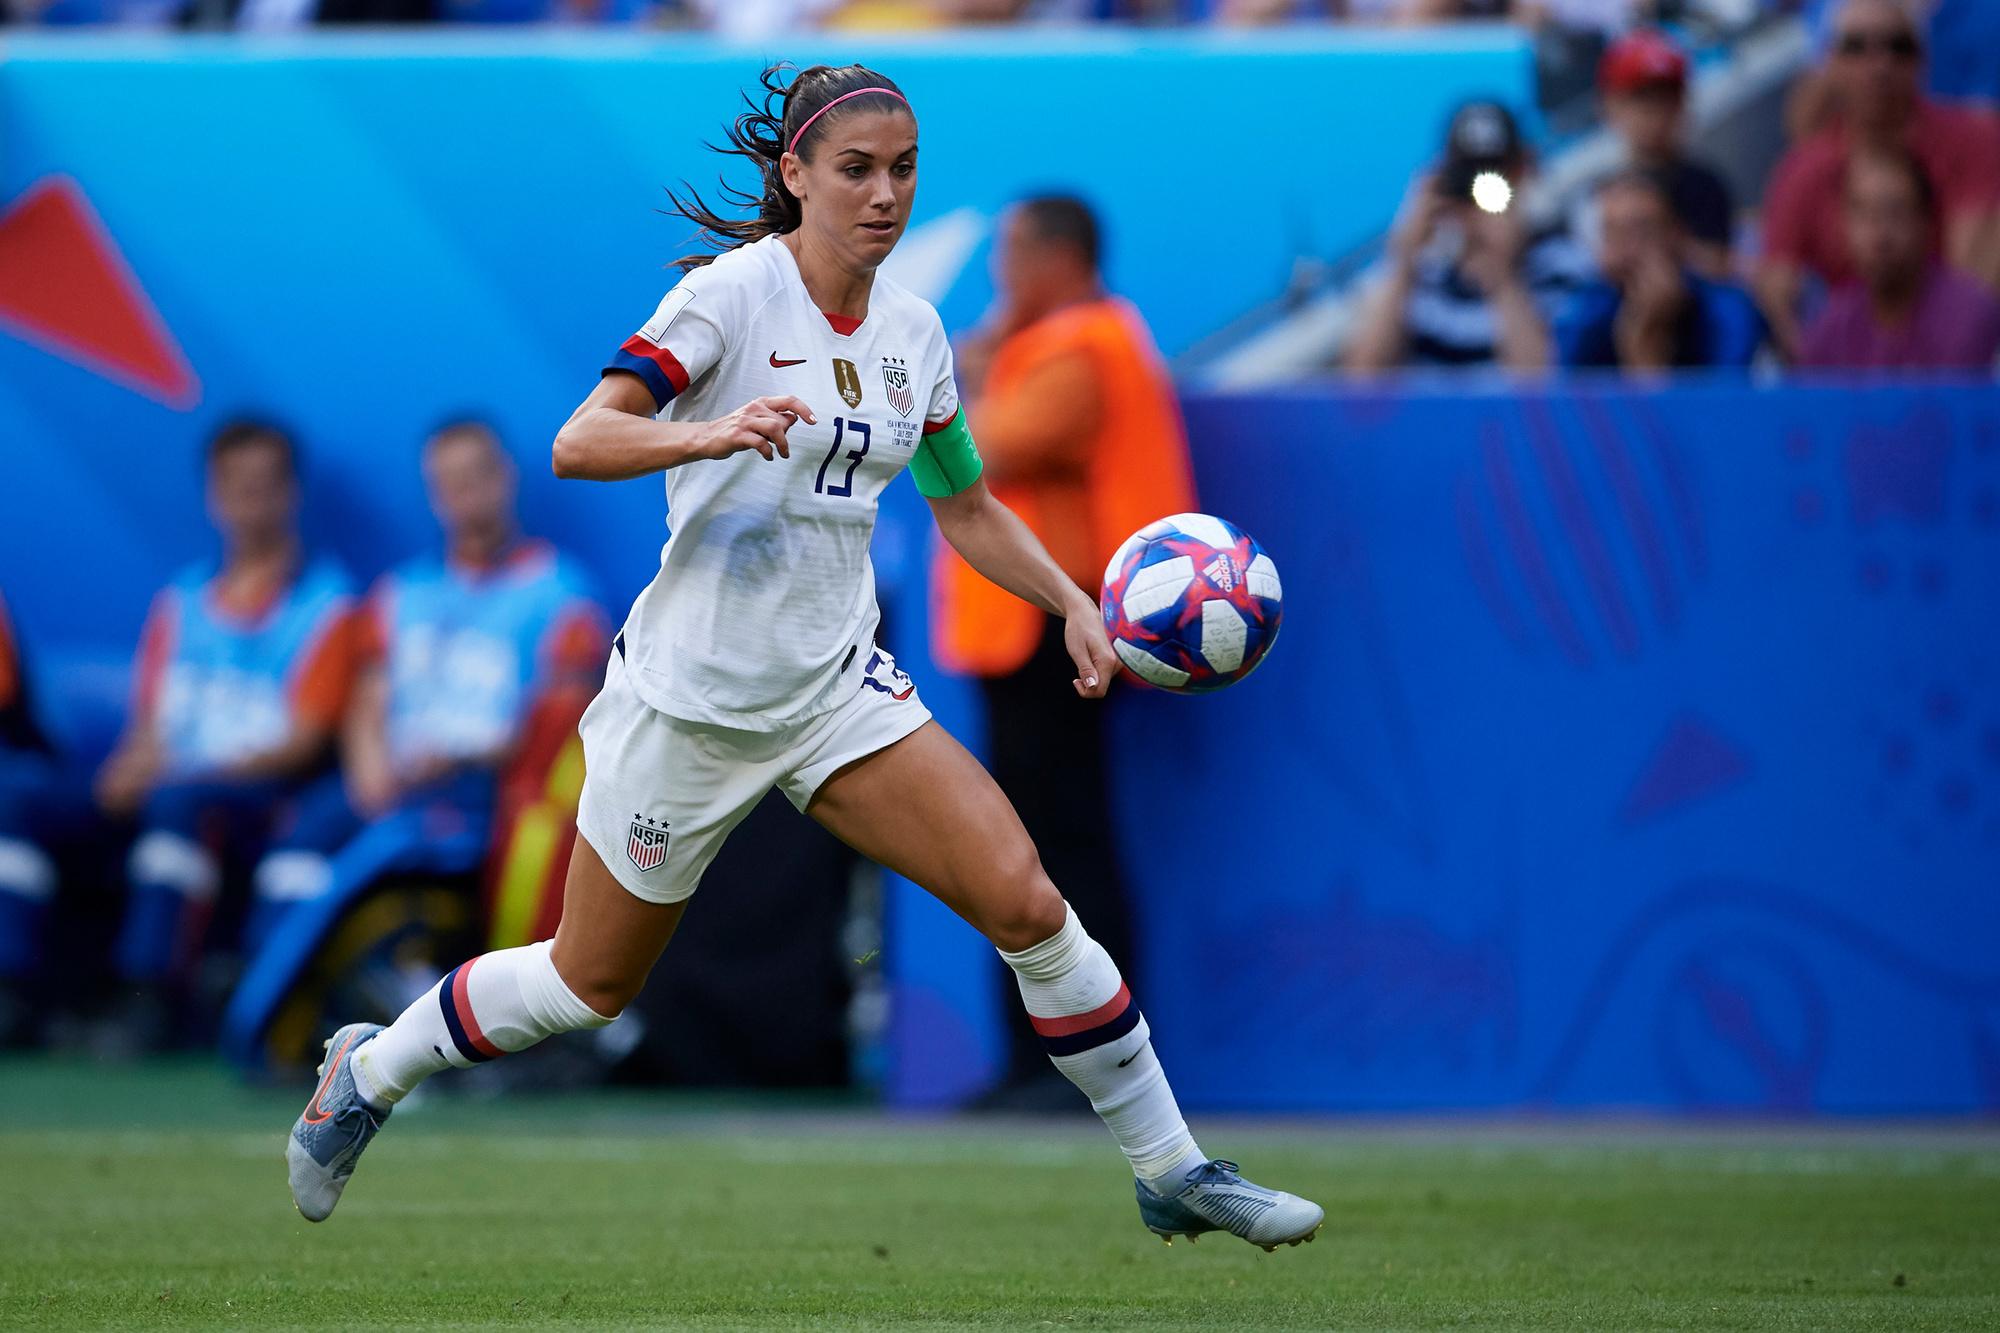 Alex Morgan is een van dé sterren van het hedendaags vrouwenvoetbal, GETTY